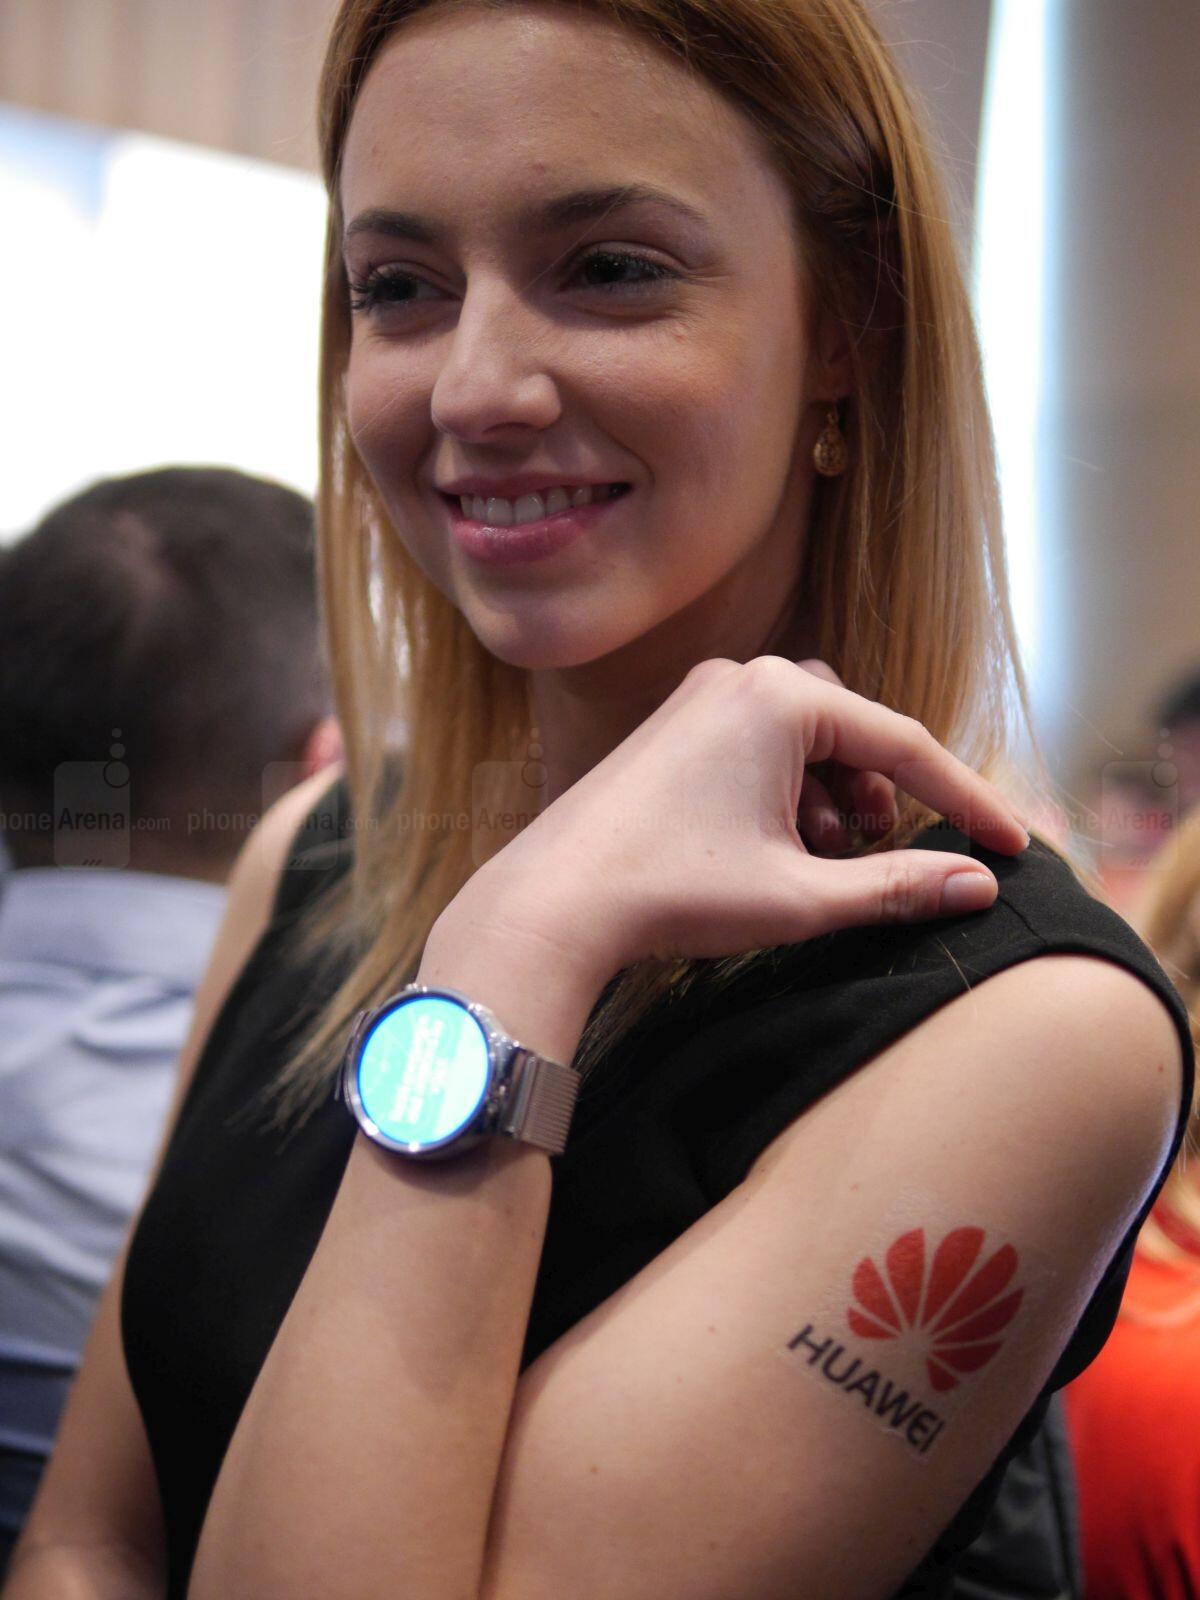 The-Huawei-Watch.jpg